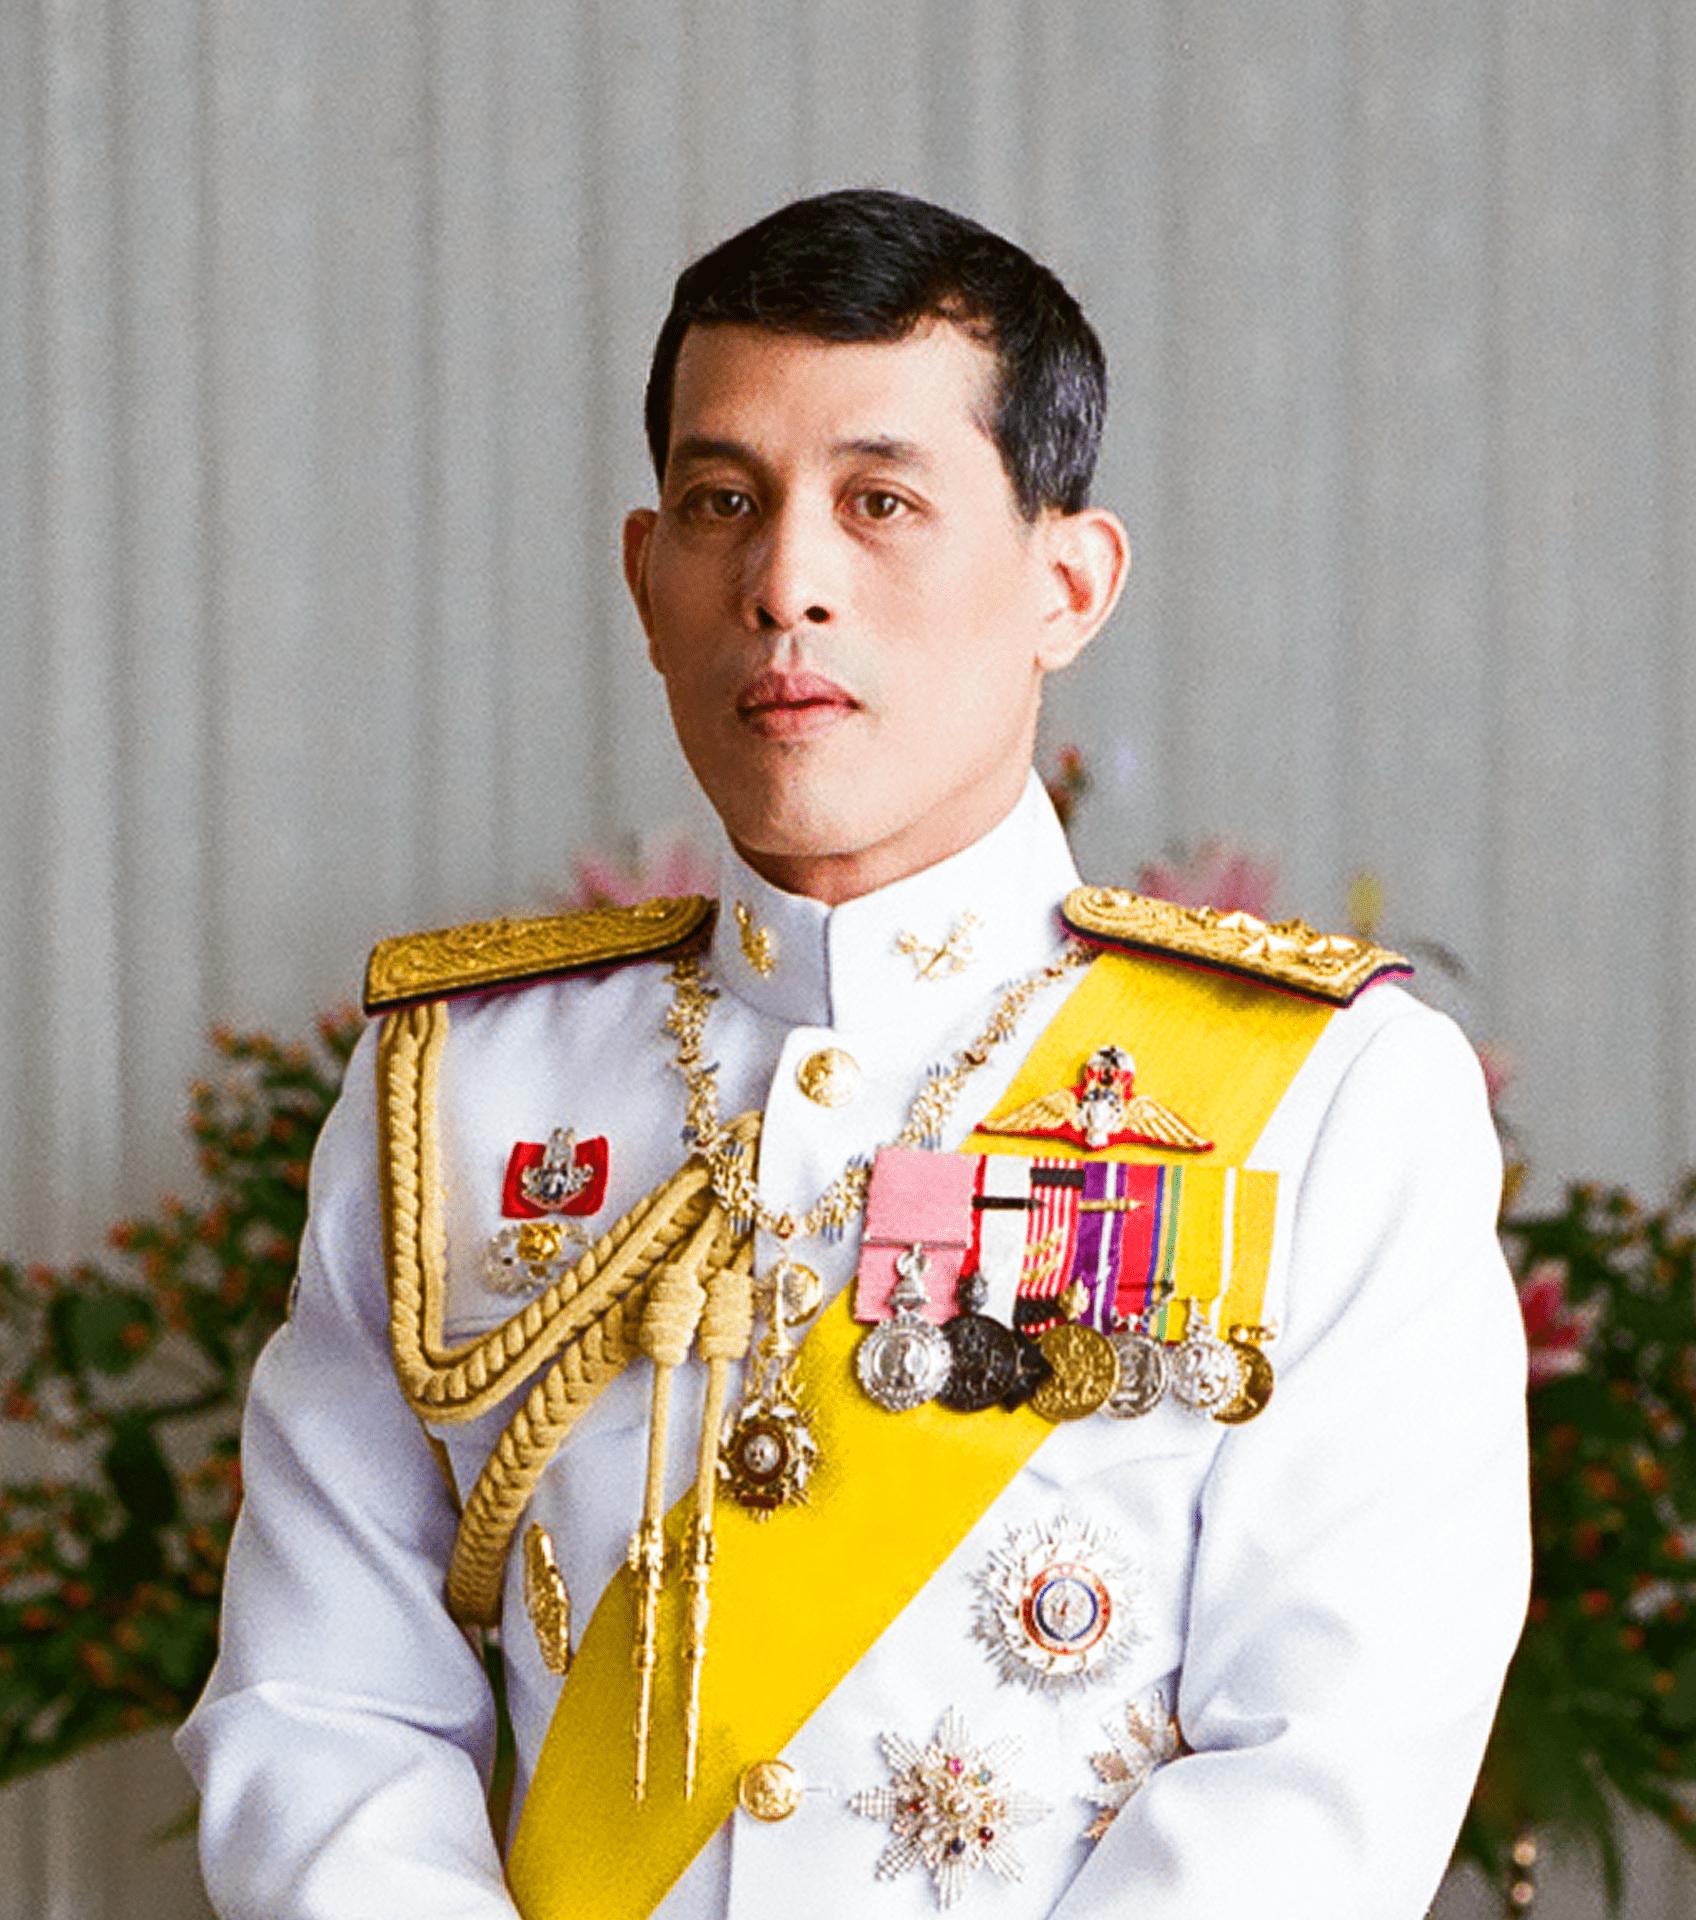 King Maha Vajiralongkorn, also known as King Rama X